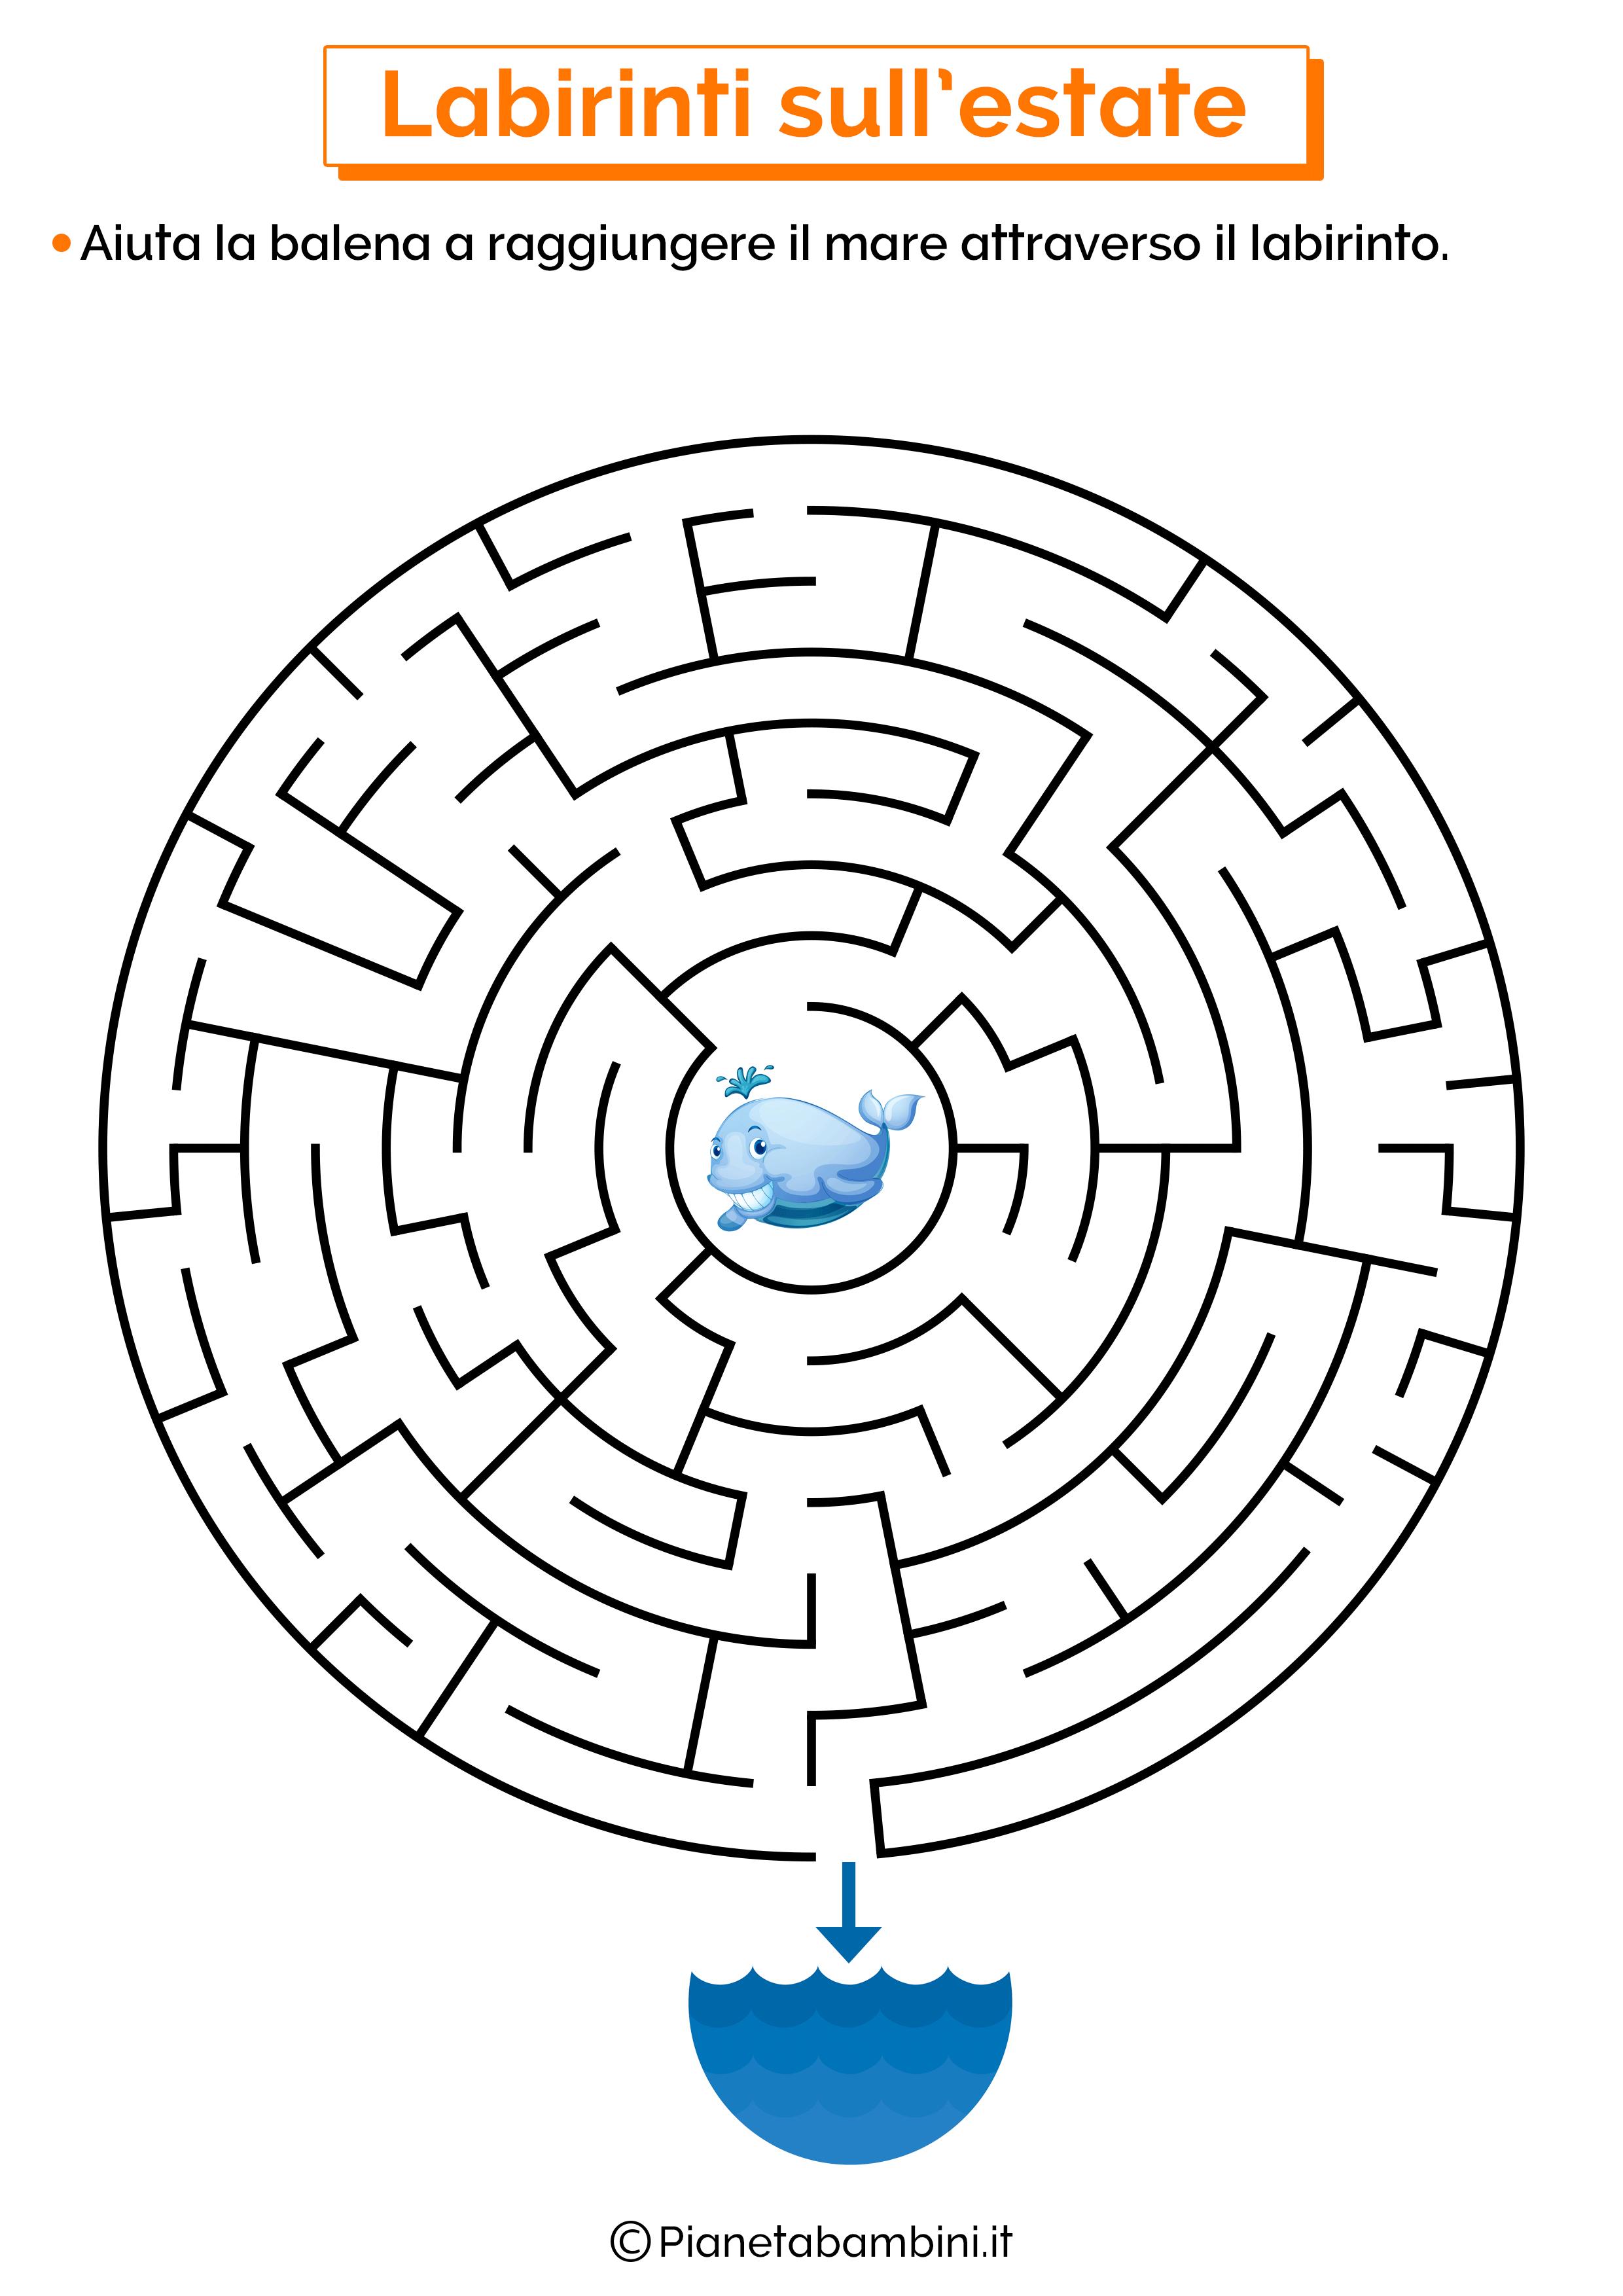 Labirinto sull'estate 09